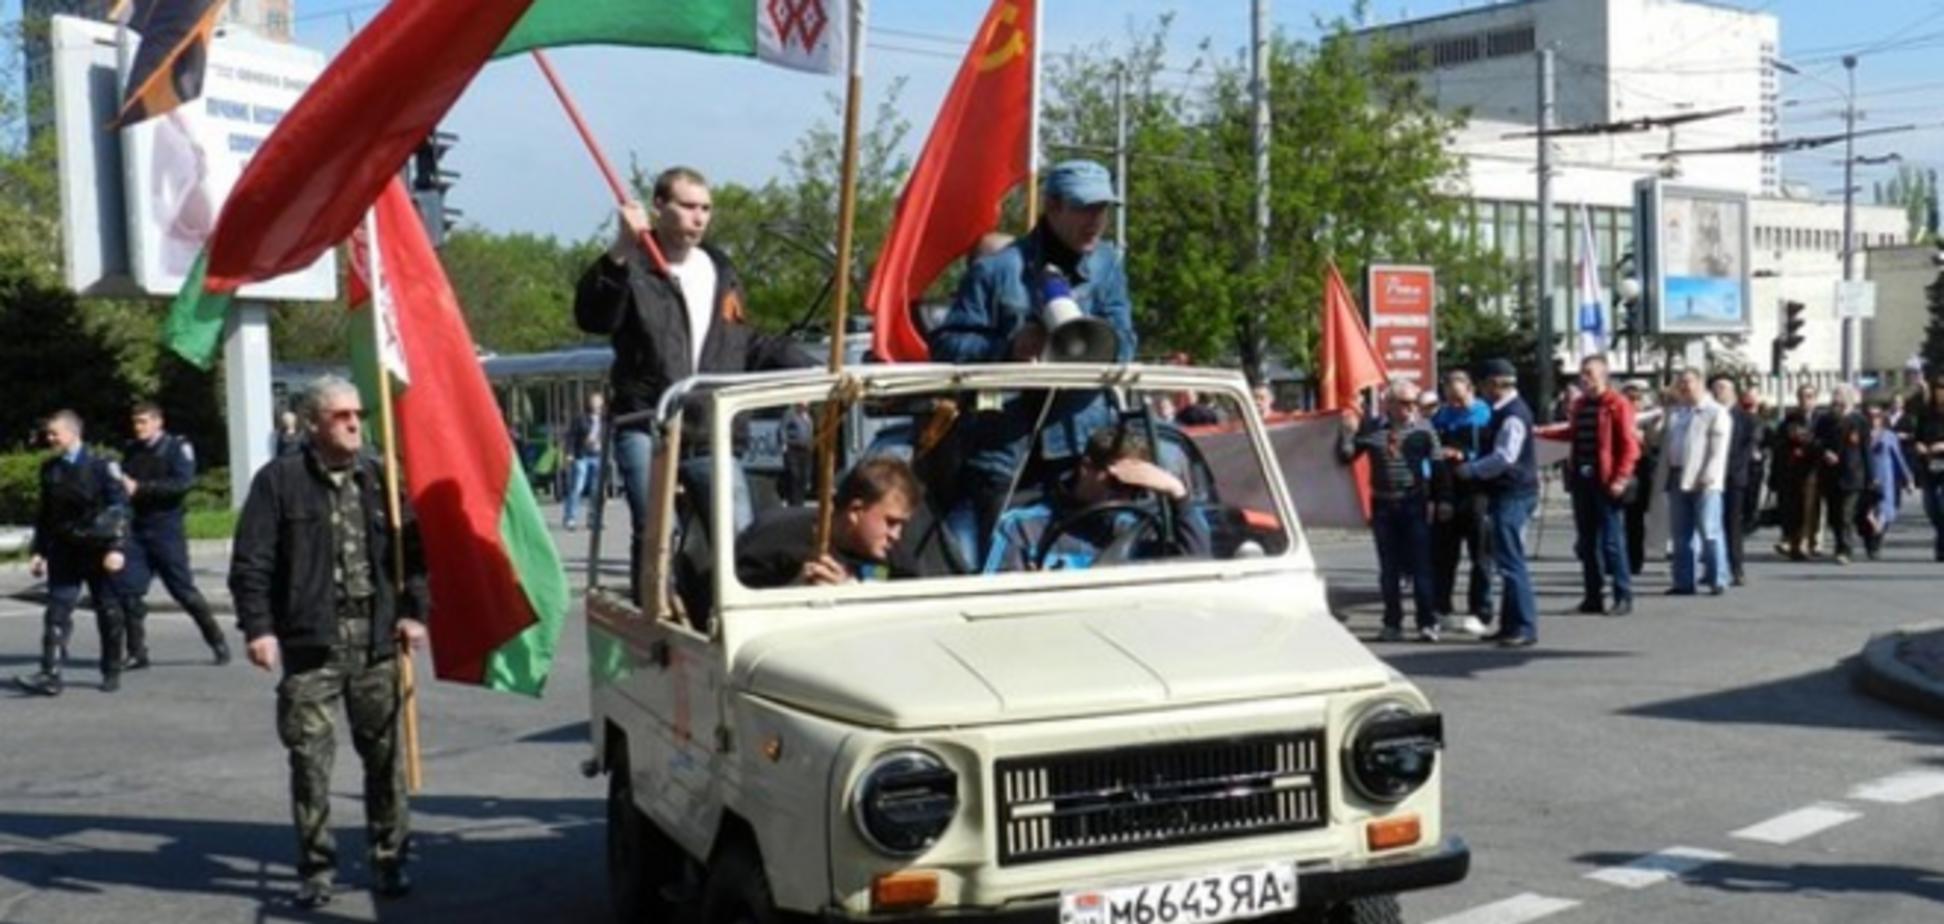 В Днепропетровске коммунисты митинговали с портретами Сталина, а патриоты рисовали мелками